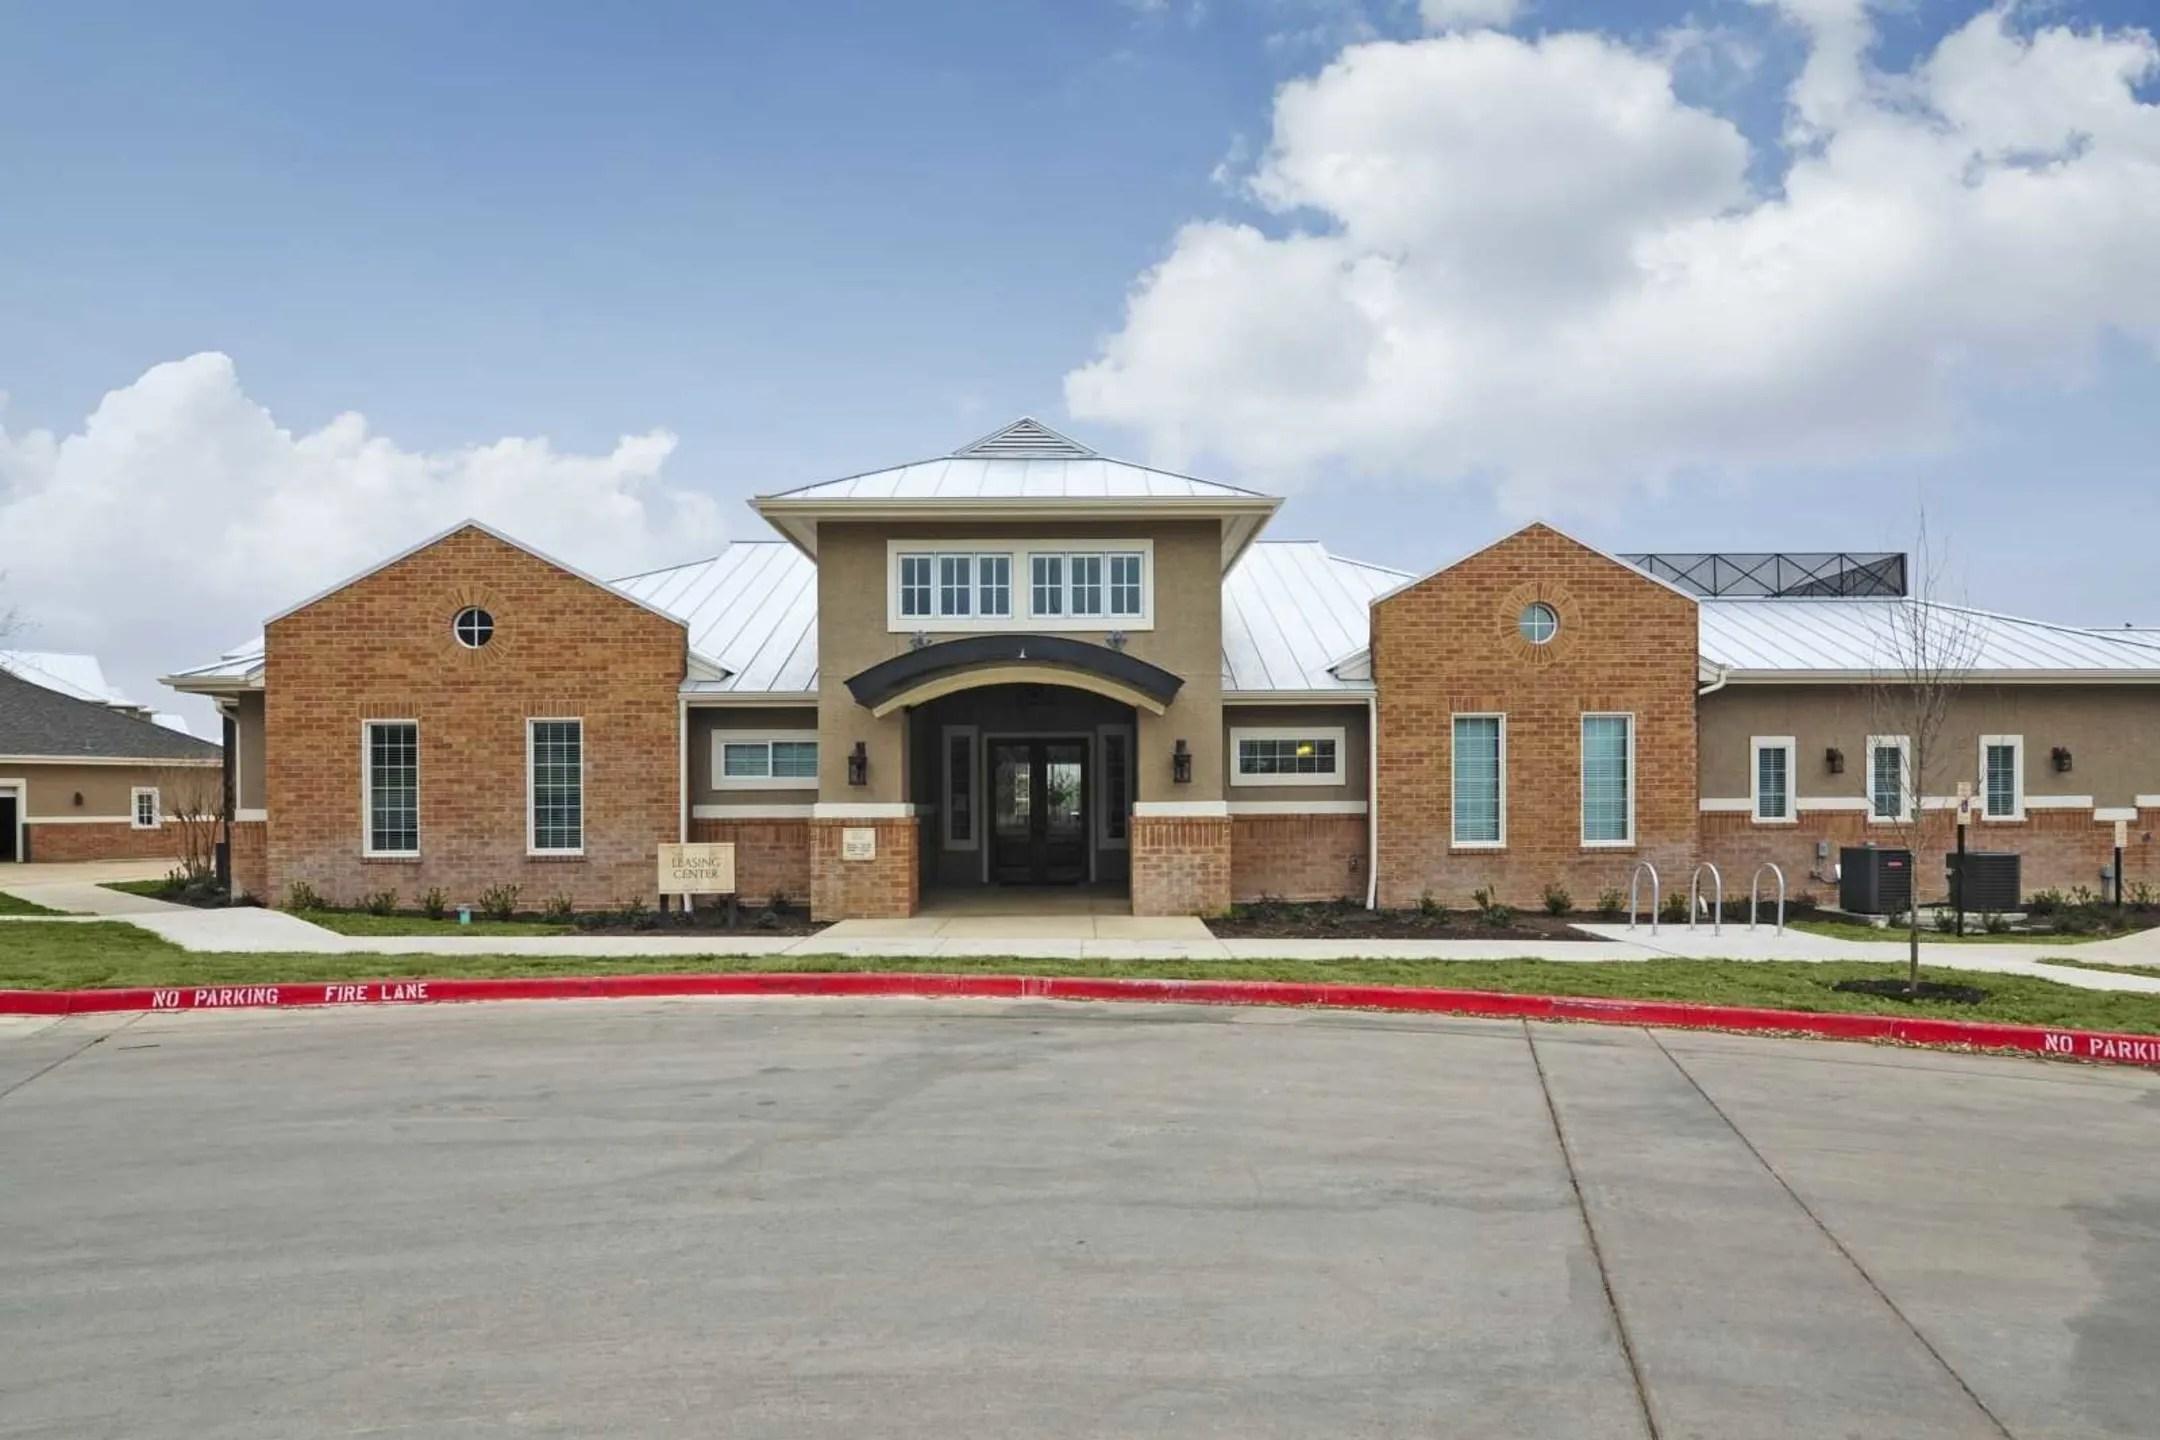 Master S Ranch Apartments San Antonio Tx 78223